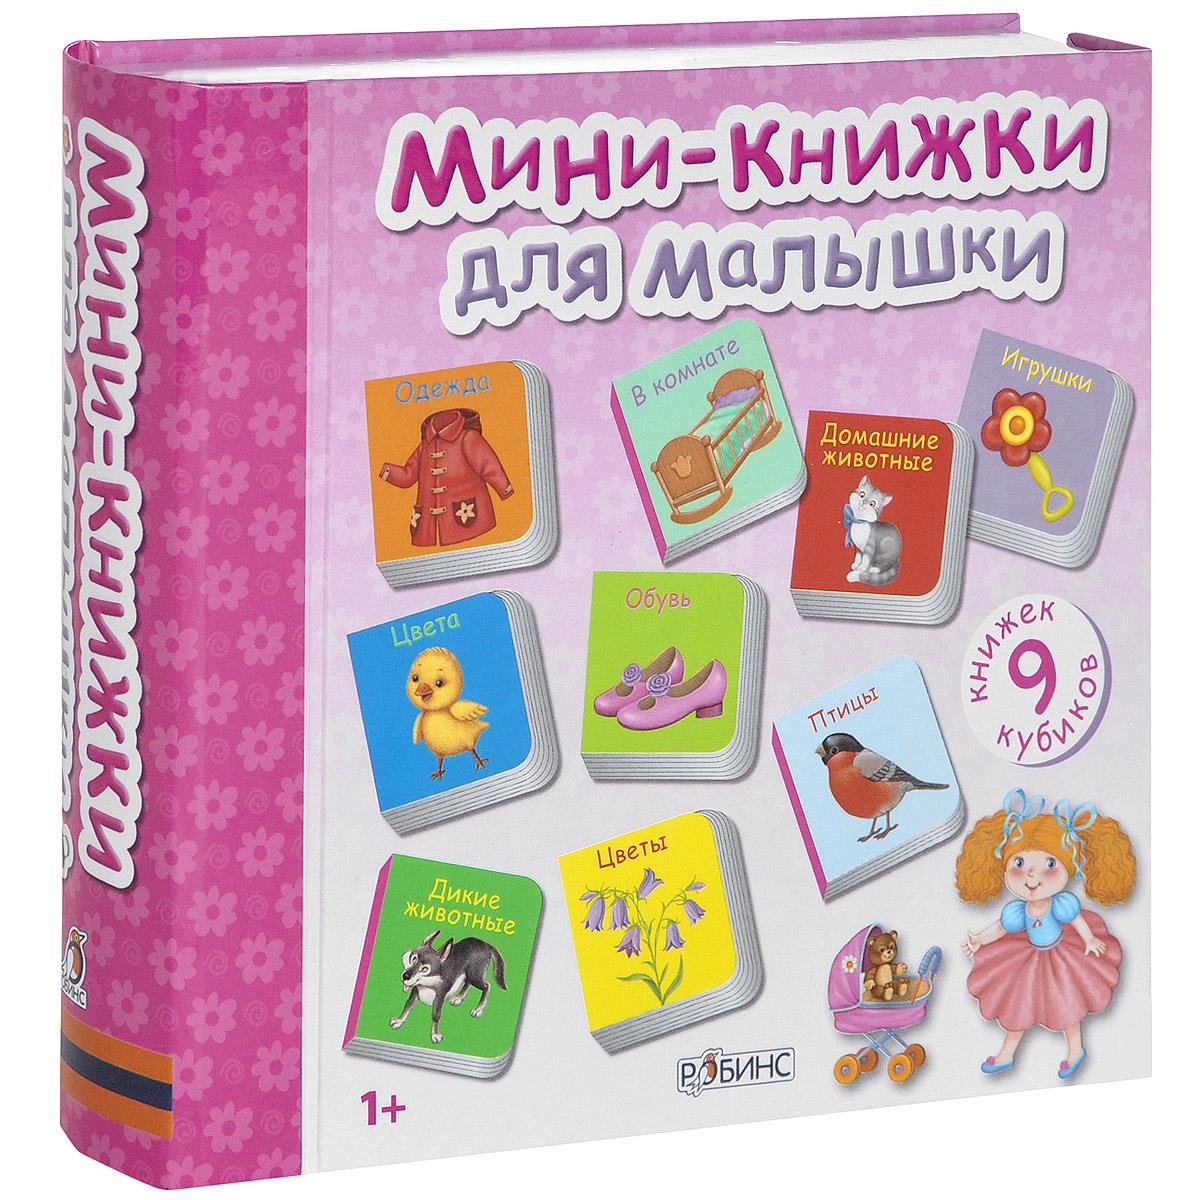 Мини-книжки для малышки. 9 книжек-кубиков12296407Мини-книжки для малышки - книжки-кубики для маленьких девочек, которые только учатся говорить. Девять кубиков, веселые картинки, плотный картон, 9 увлекательных тем, сортер и пазл в одной коробке! Мини-книжки для малышки- это не просто книги, а обучающие книжки-игрушки, сделанные в виде набора кубиков. Книжки-кубики предназначены для детей, которые ещё не умеют говорить или только начинают произносить первые слова. Набор можно использовать также как сортер: просто попросите ребенка сложить кубики в коробку. С обратной стороны книжек размещен простой веселый пазл, который ребенок может собрать. Набор Мини-книжки для малышки создан специально для девочек, подборка тематики книжек и цветовой гаммы обязательно понравятся юным принцессам. В чем особенность книжек: Каждая книжка-погремушка сделана из очень плотного материала, поэтому малышу будет непросто порвать или испортить их. Книжками-погремушками можно греметь и трещать (сложив первую и последнюю...